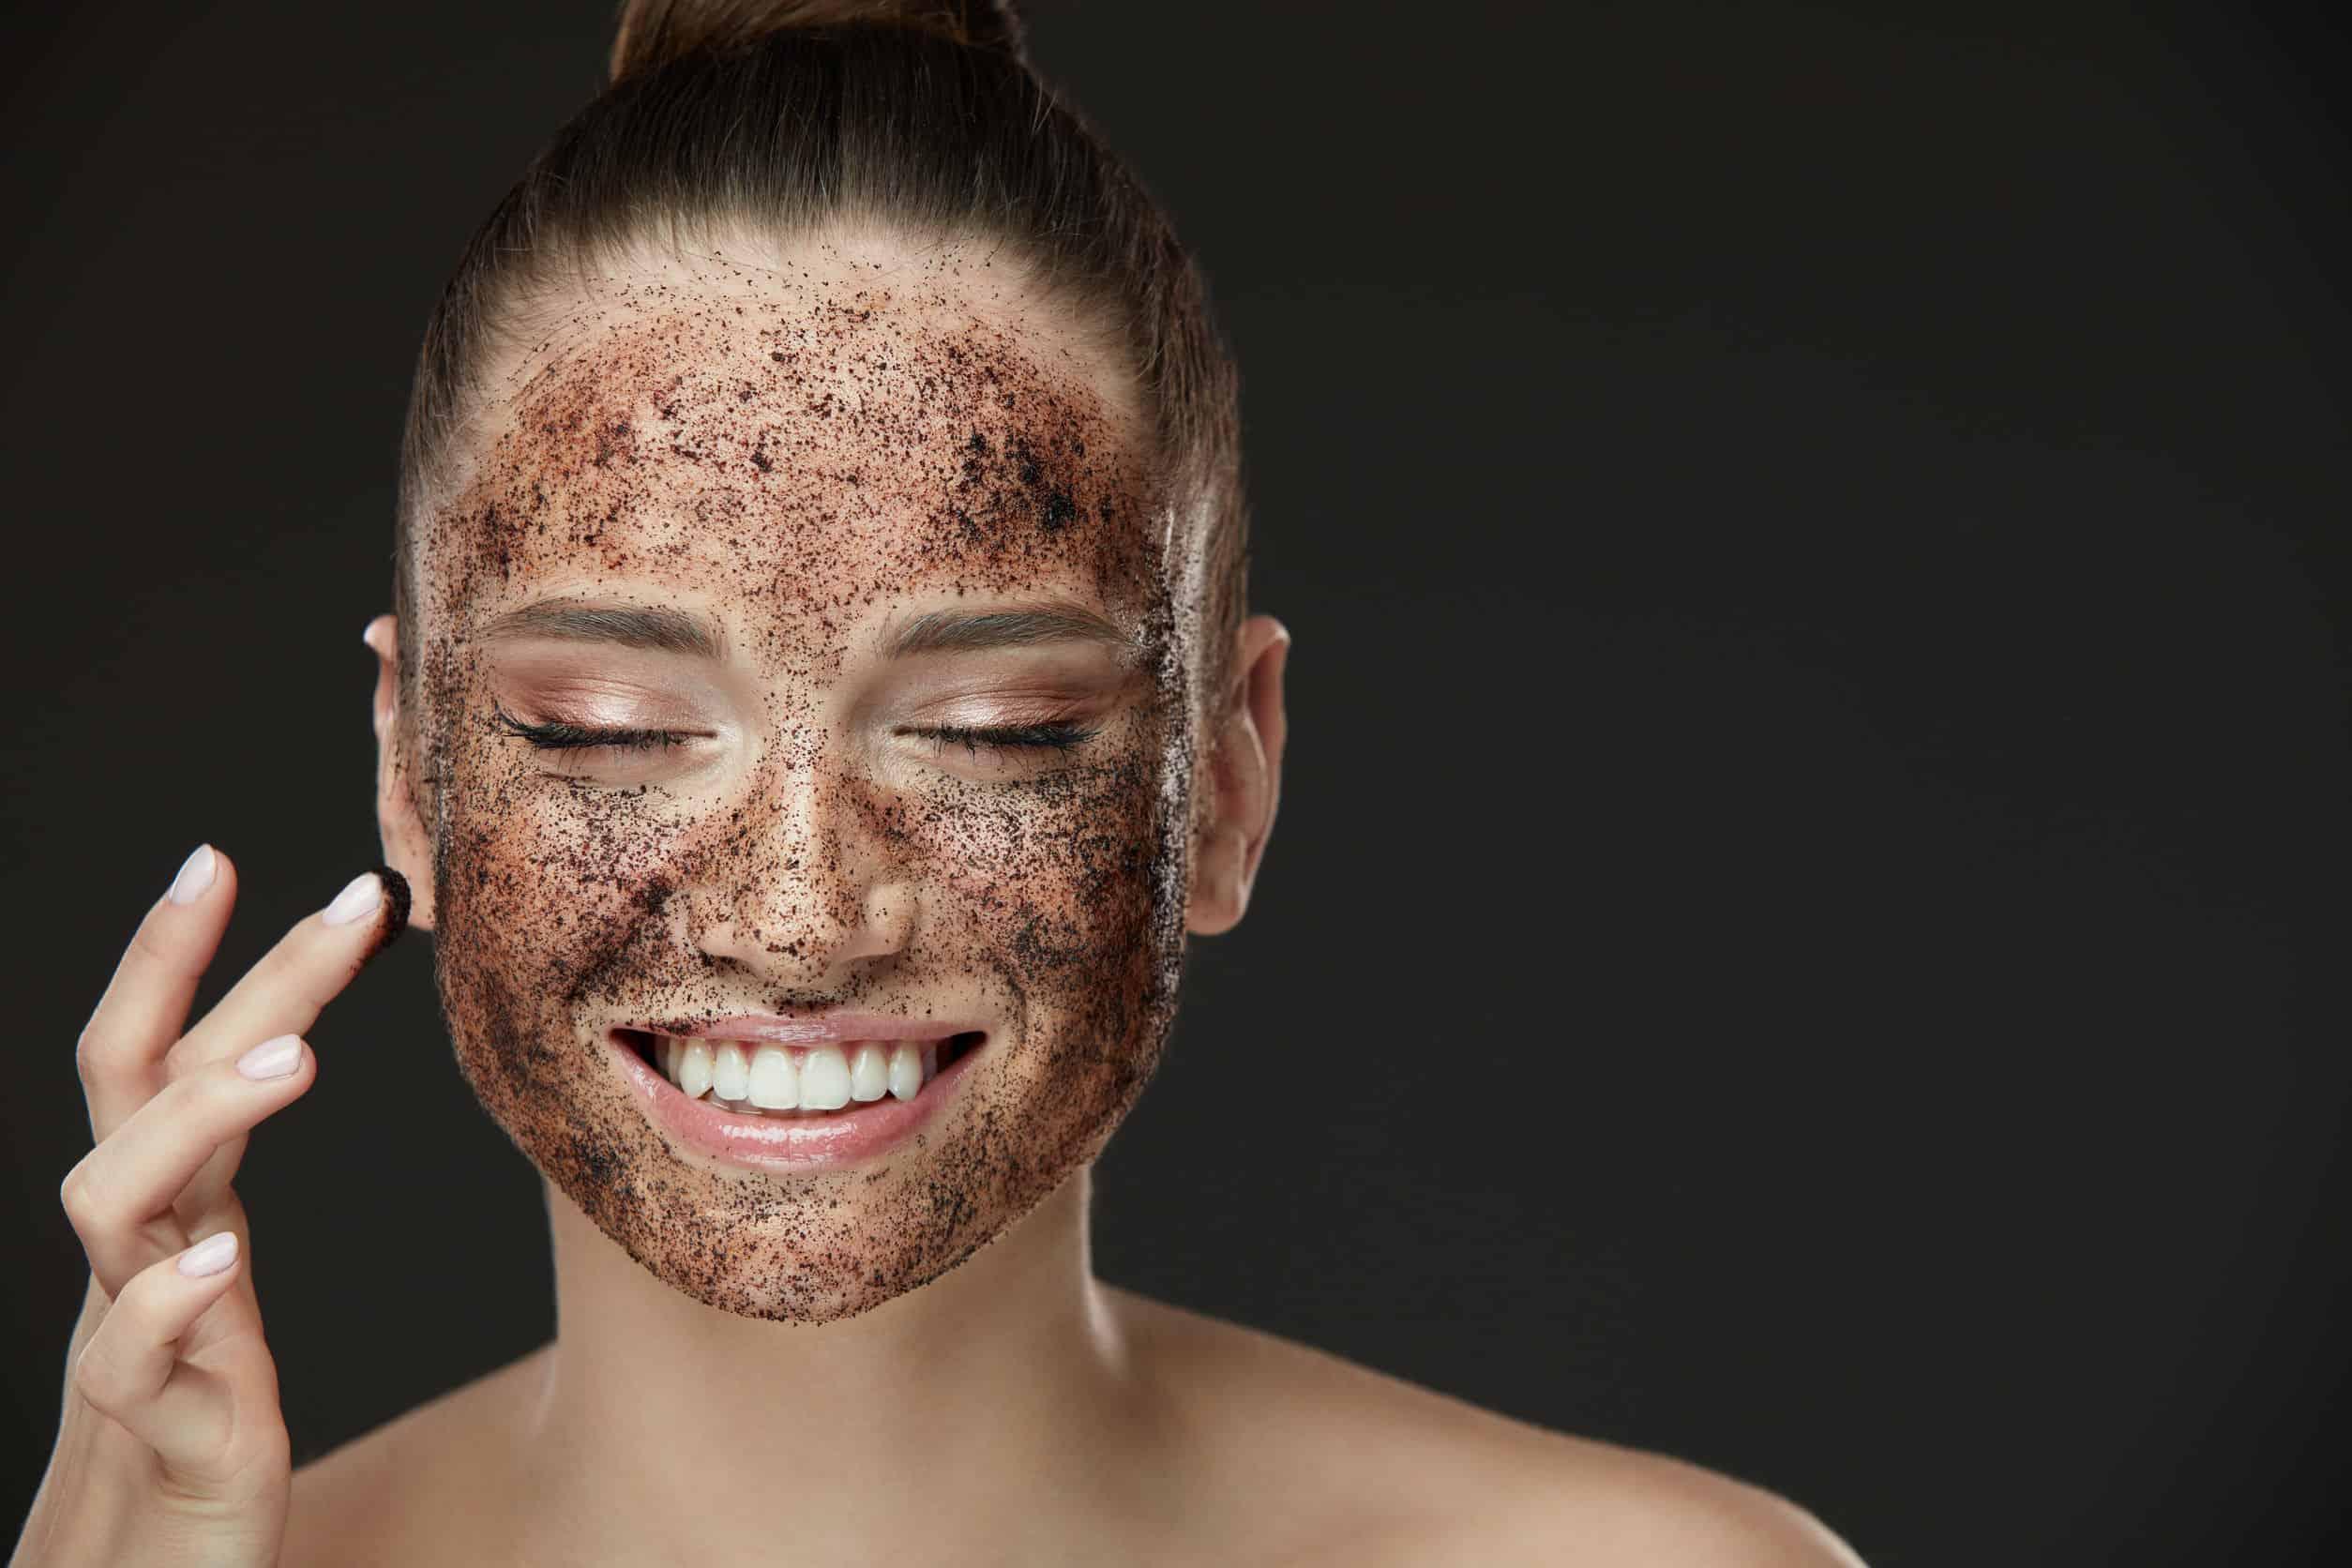 Mulher com esfoliante no rosto.